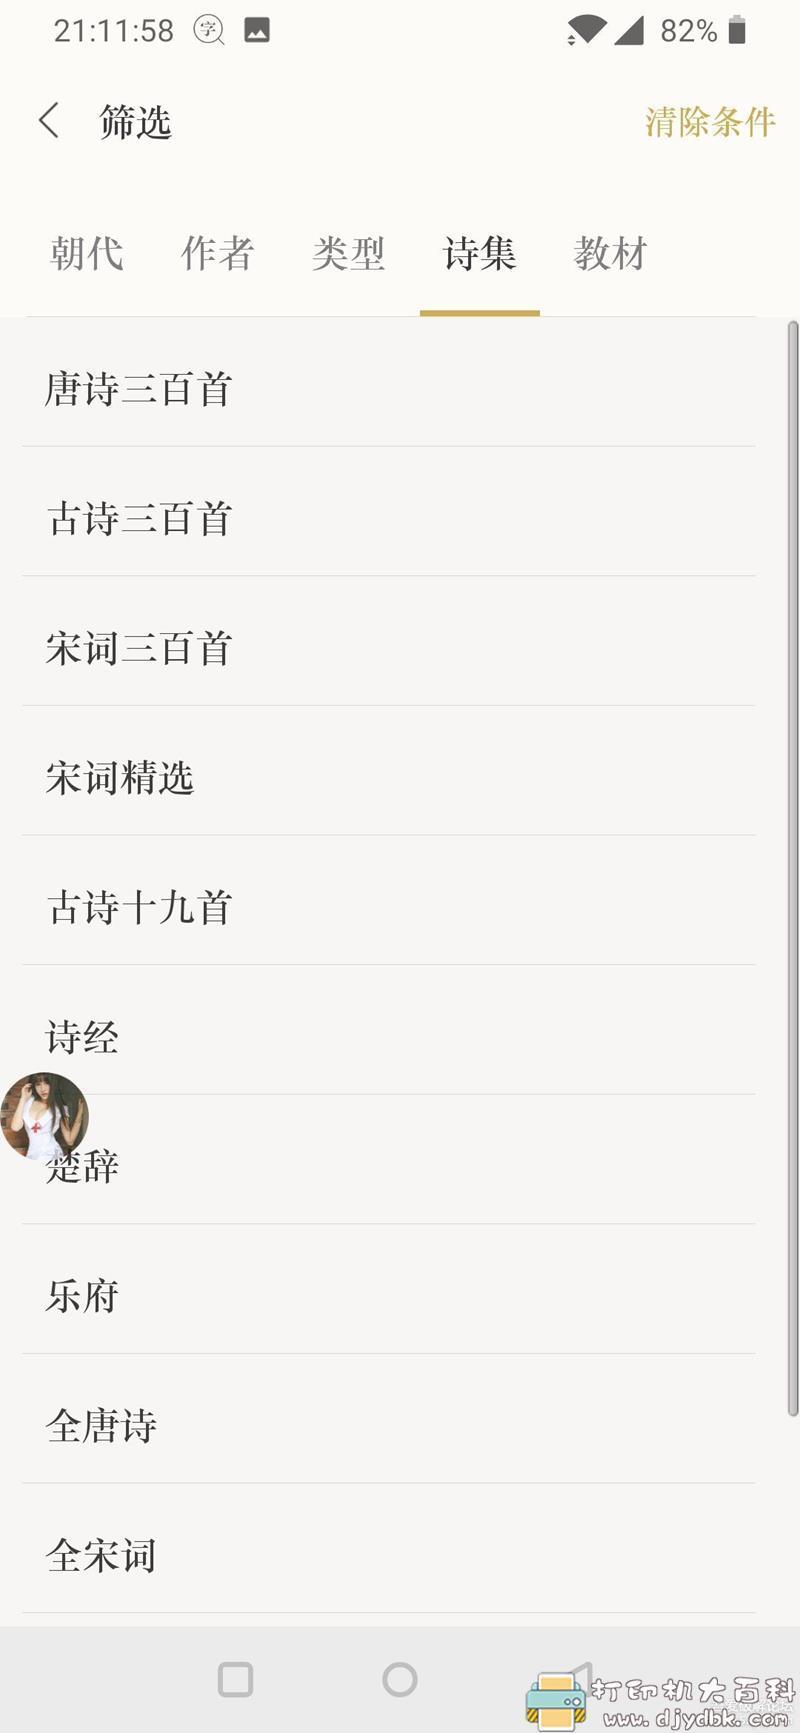 [Android]古诗词典 3.5.6,学生党学诗词辅助工具 配图 No.7